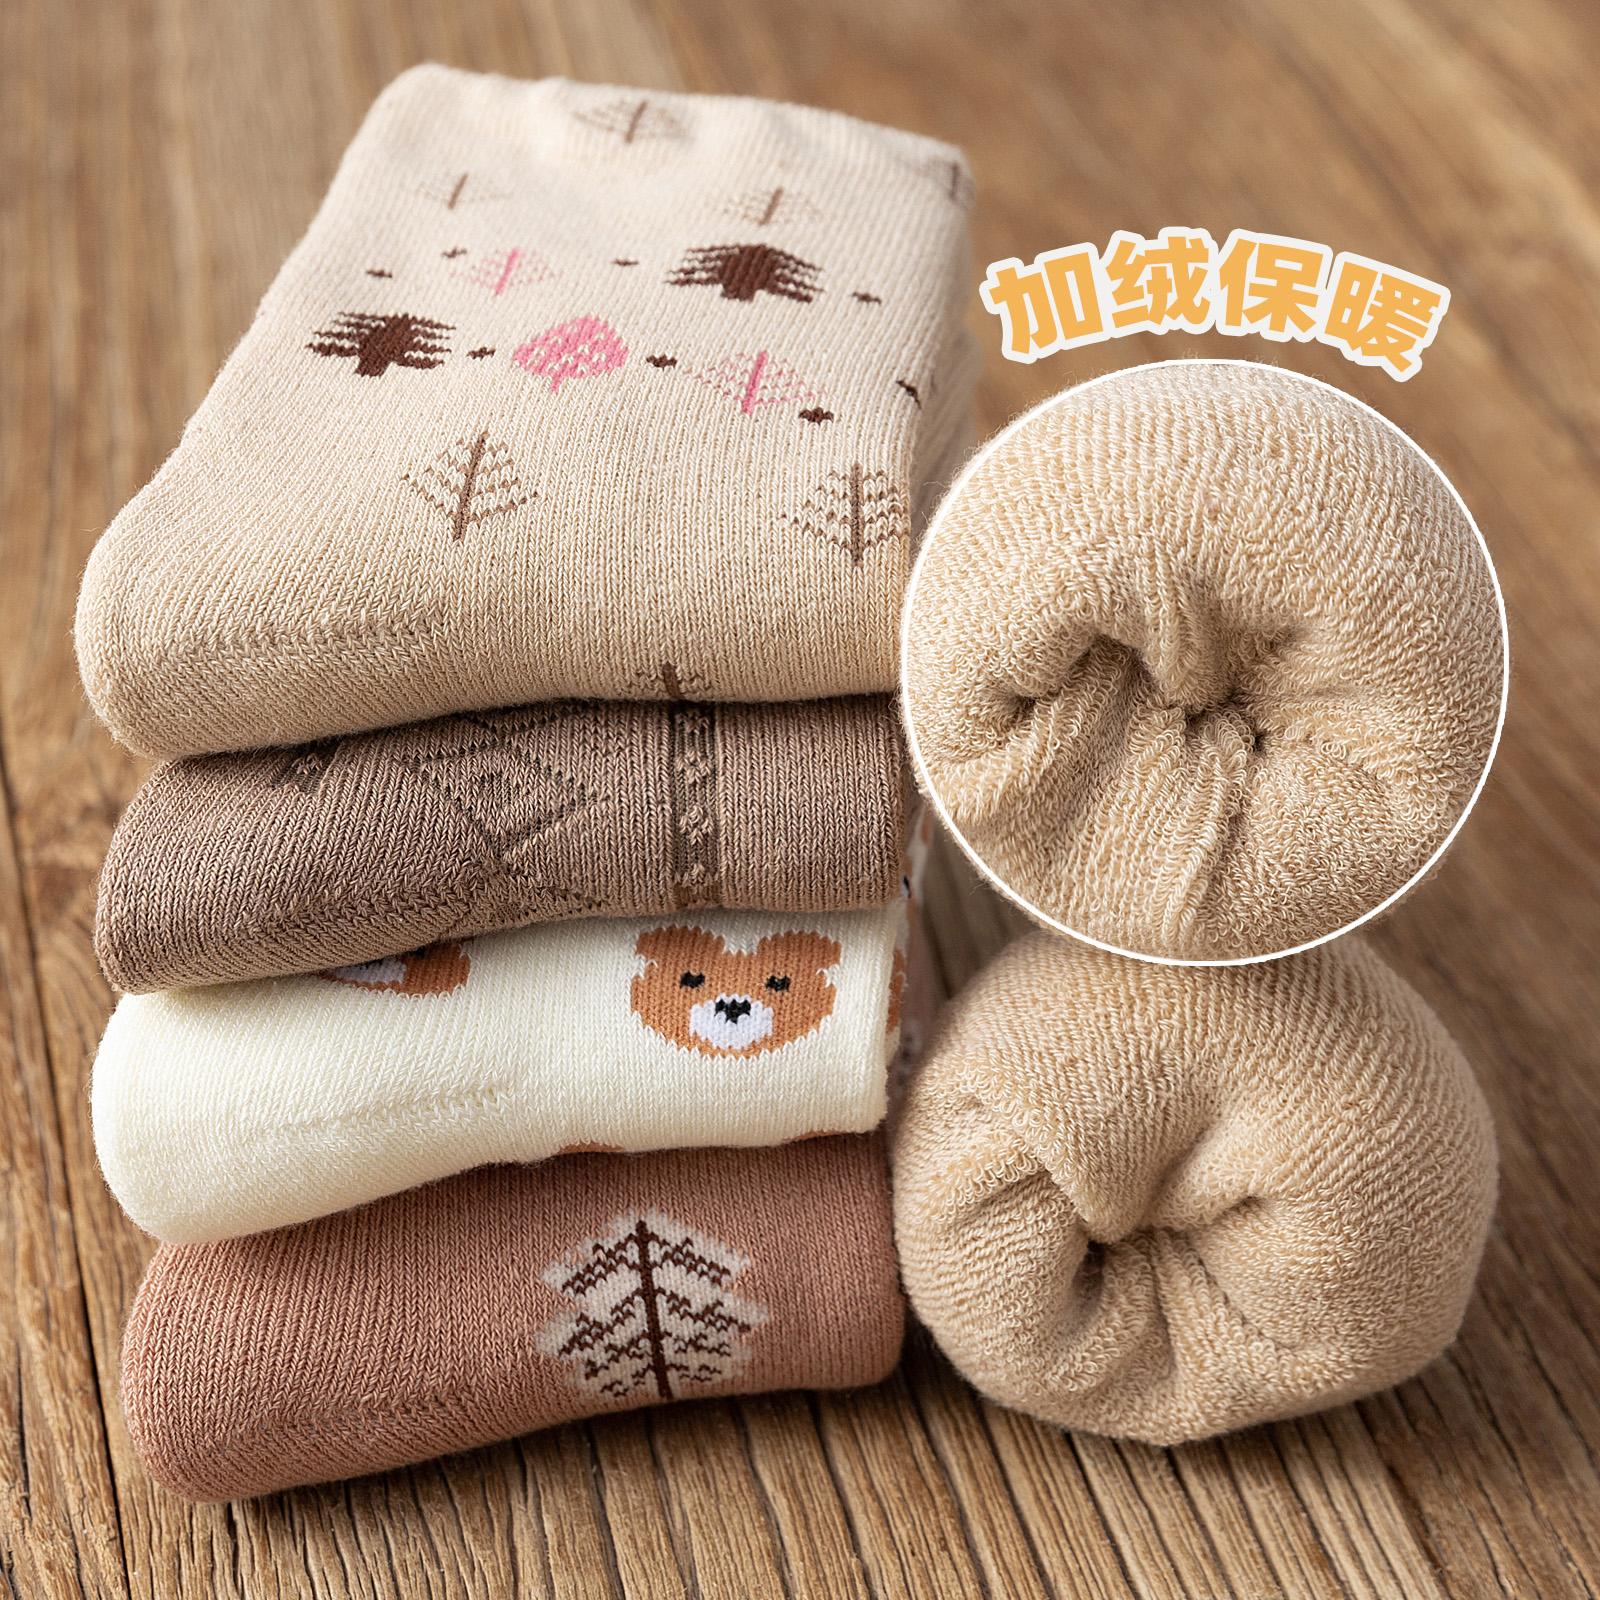 中长袜子女冬天中筒袜纯棉加绒加厚保暖日系可爱秋冬季毛巾袜长筒